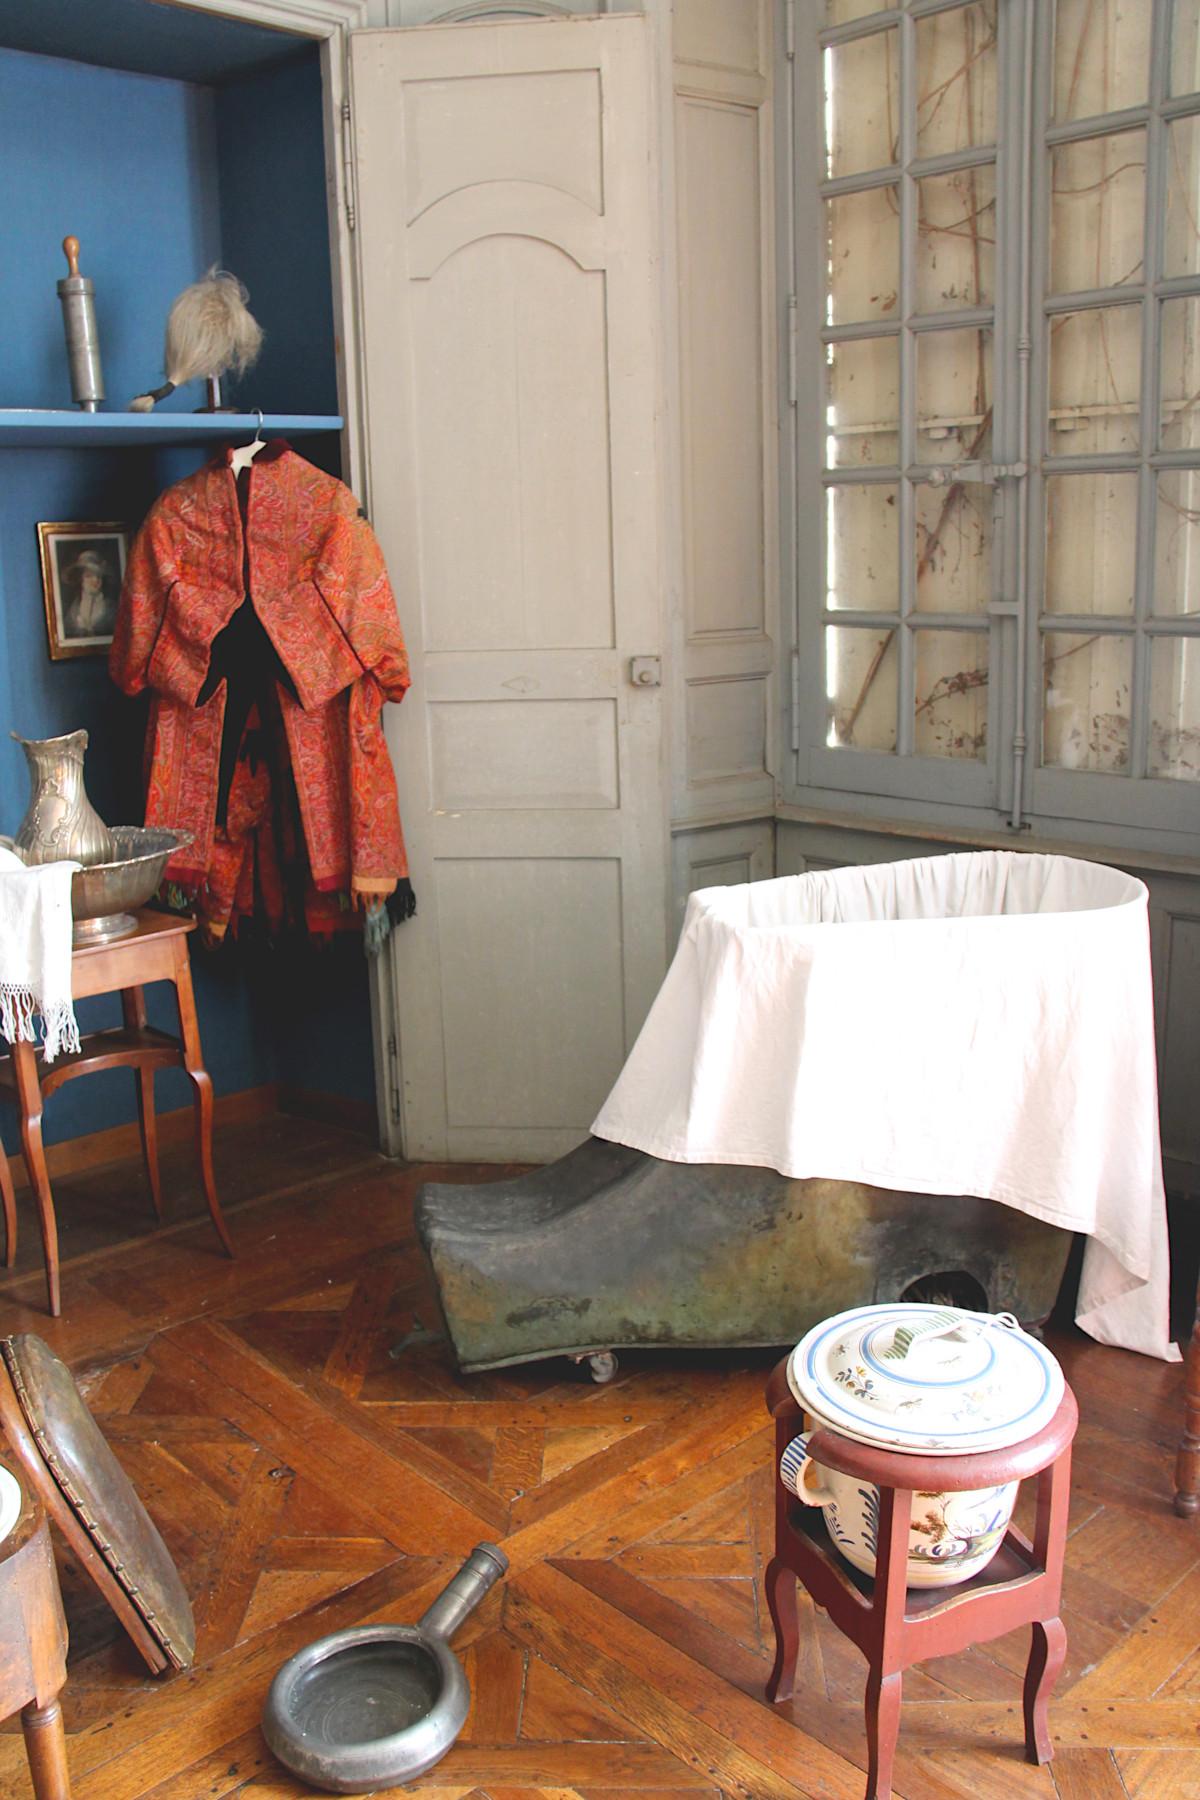 Objets d'hygiène dans la salle du lit du musée Dupuy-Mestreau